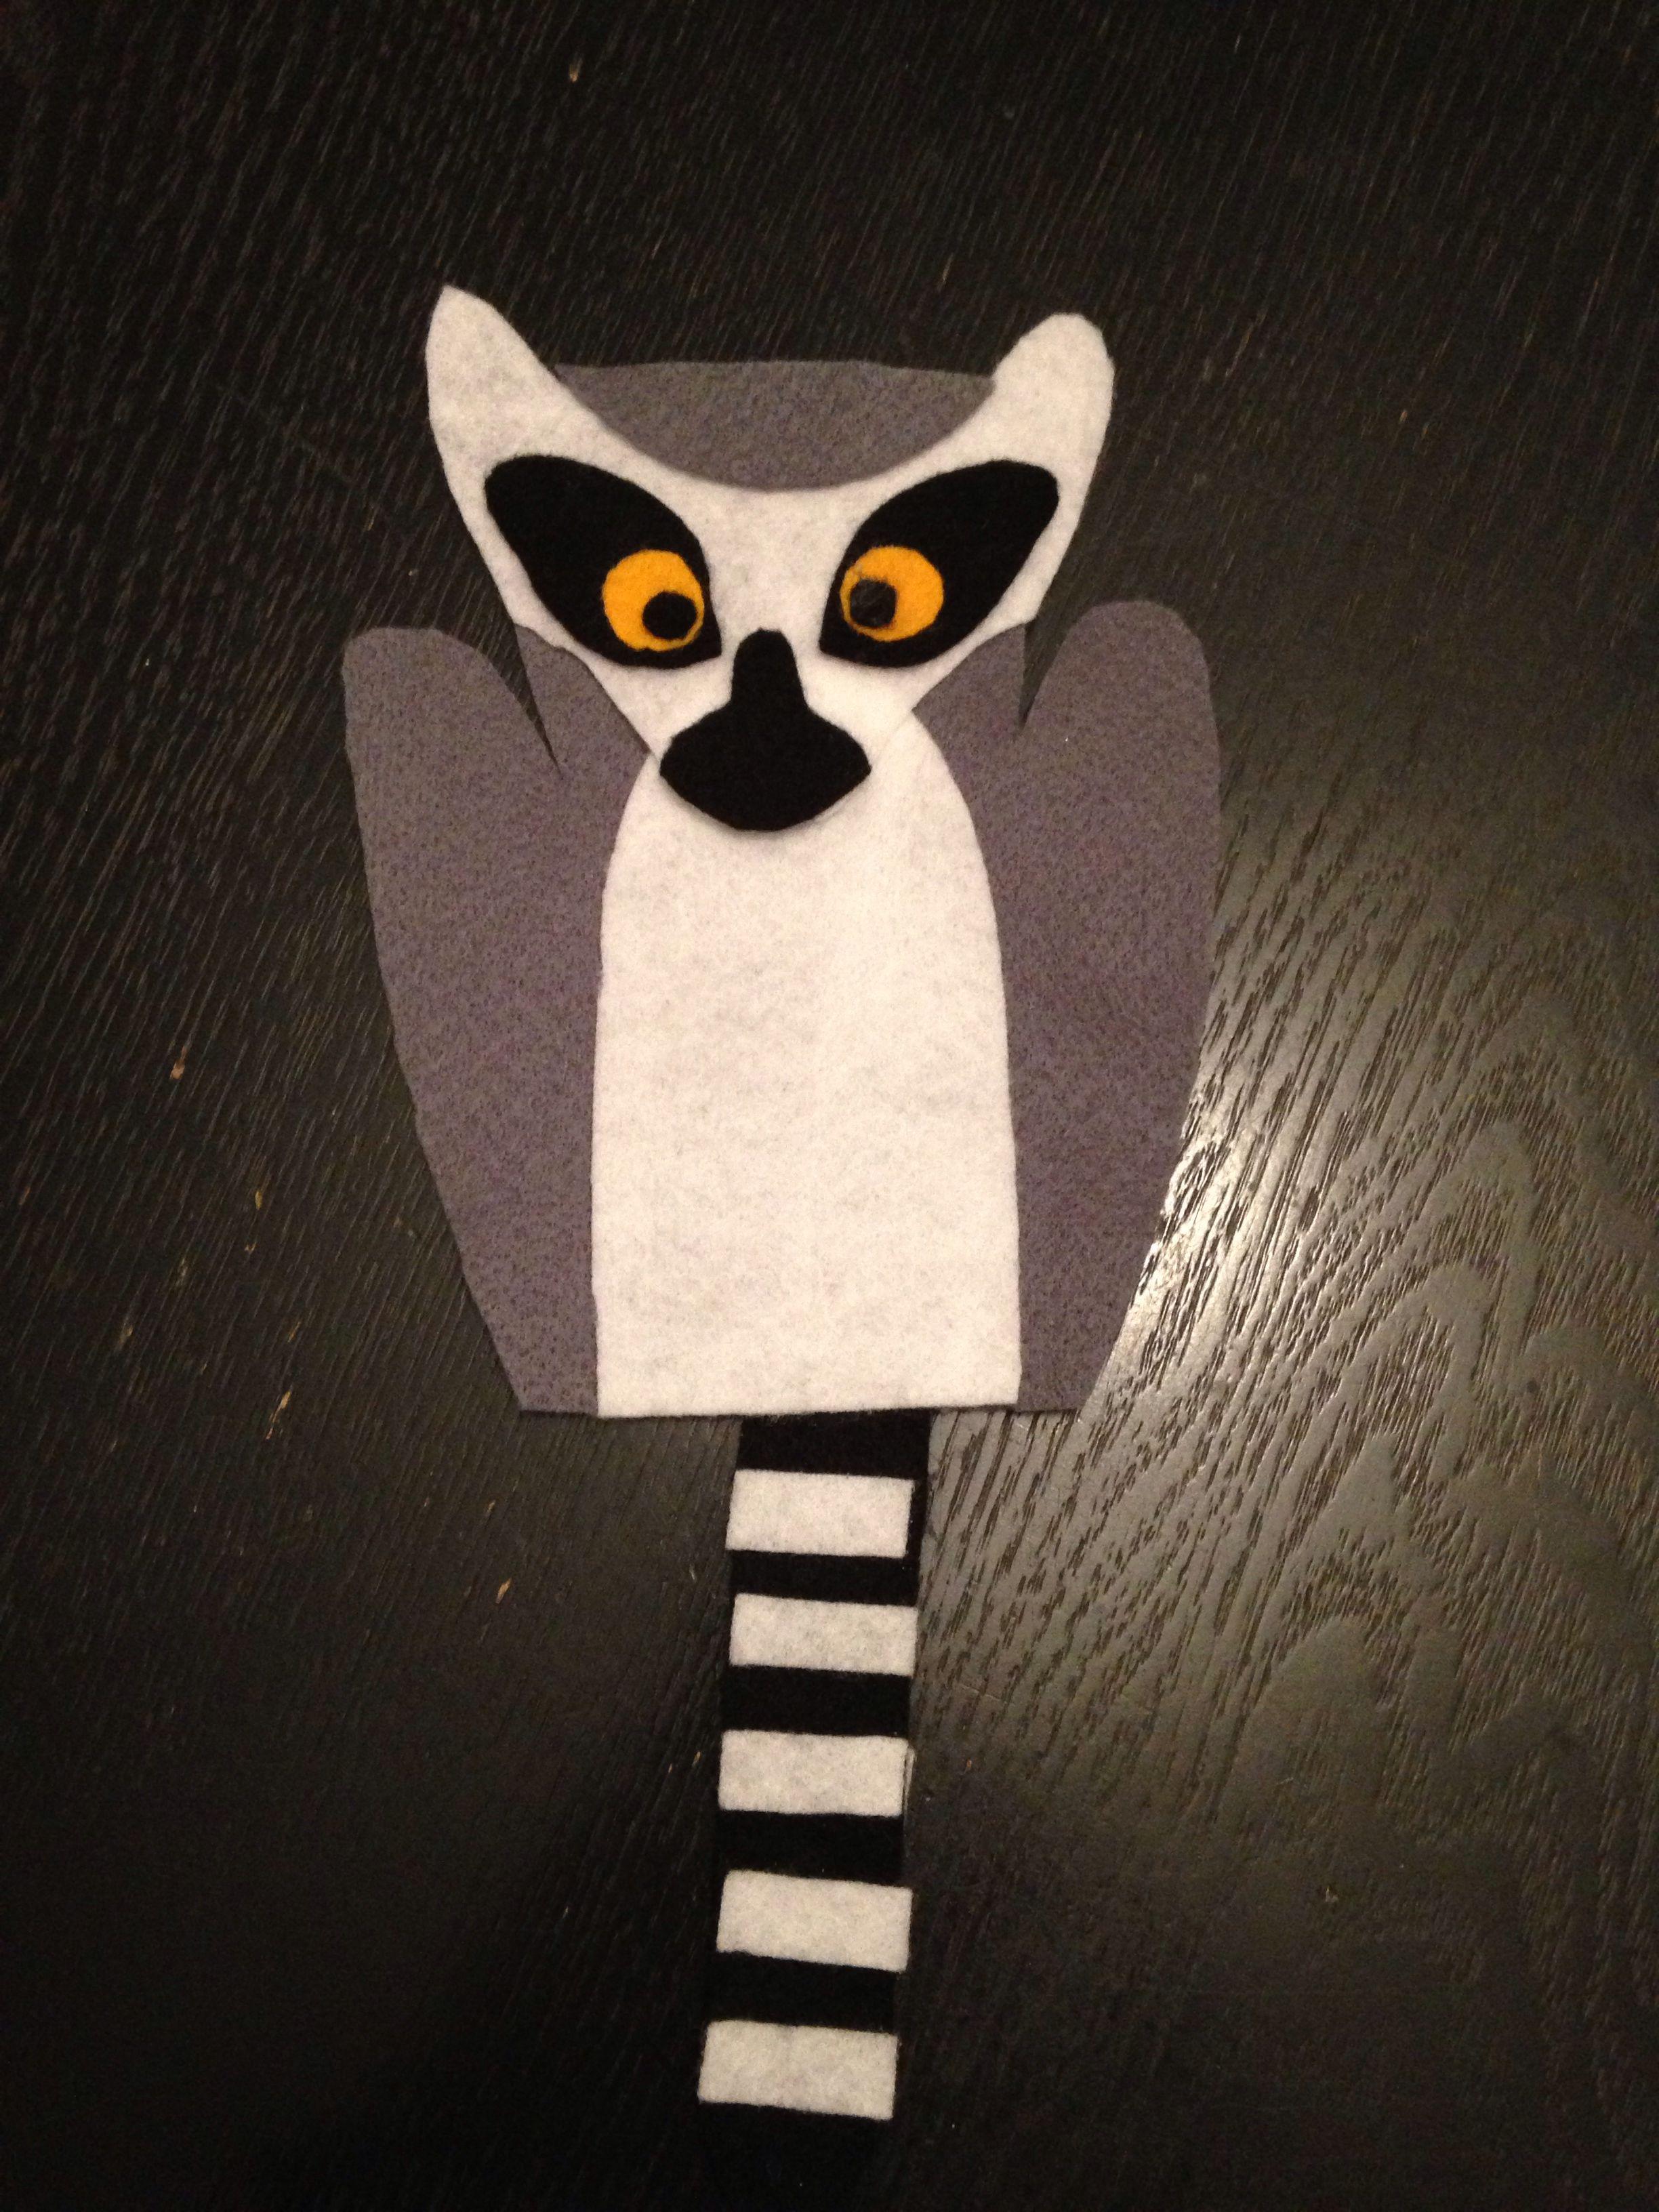 Finished Lemur